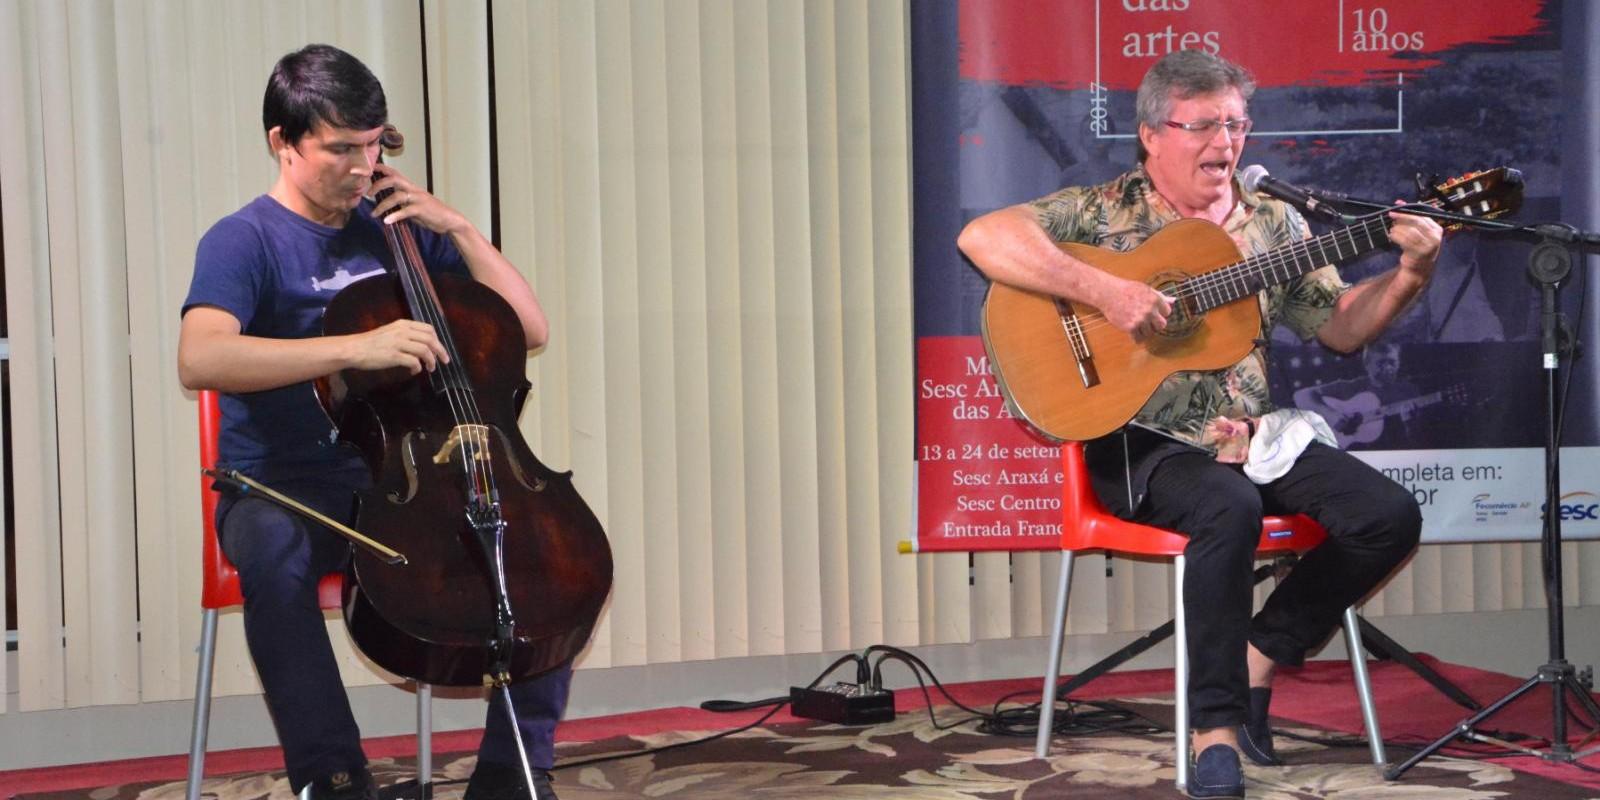 Sétimo dia de Amazônia das Artes trouxe música para o Sesc Amapá